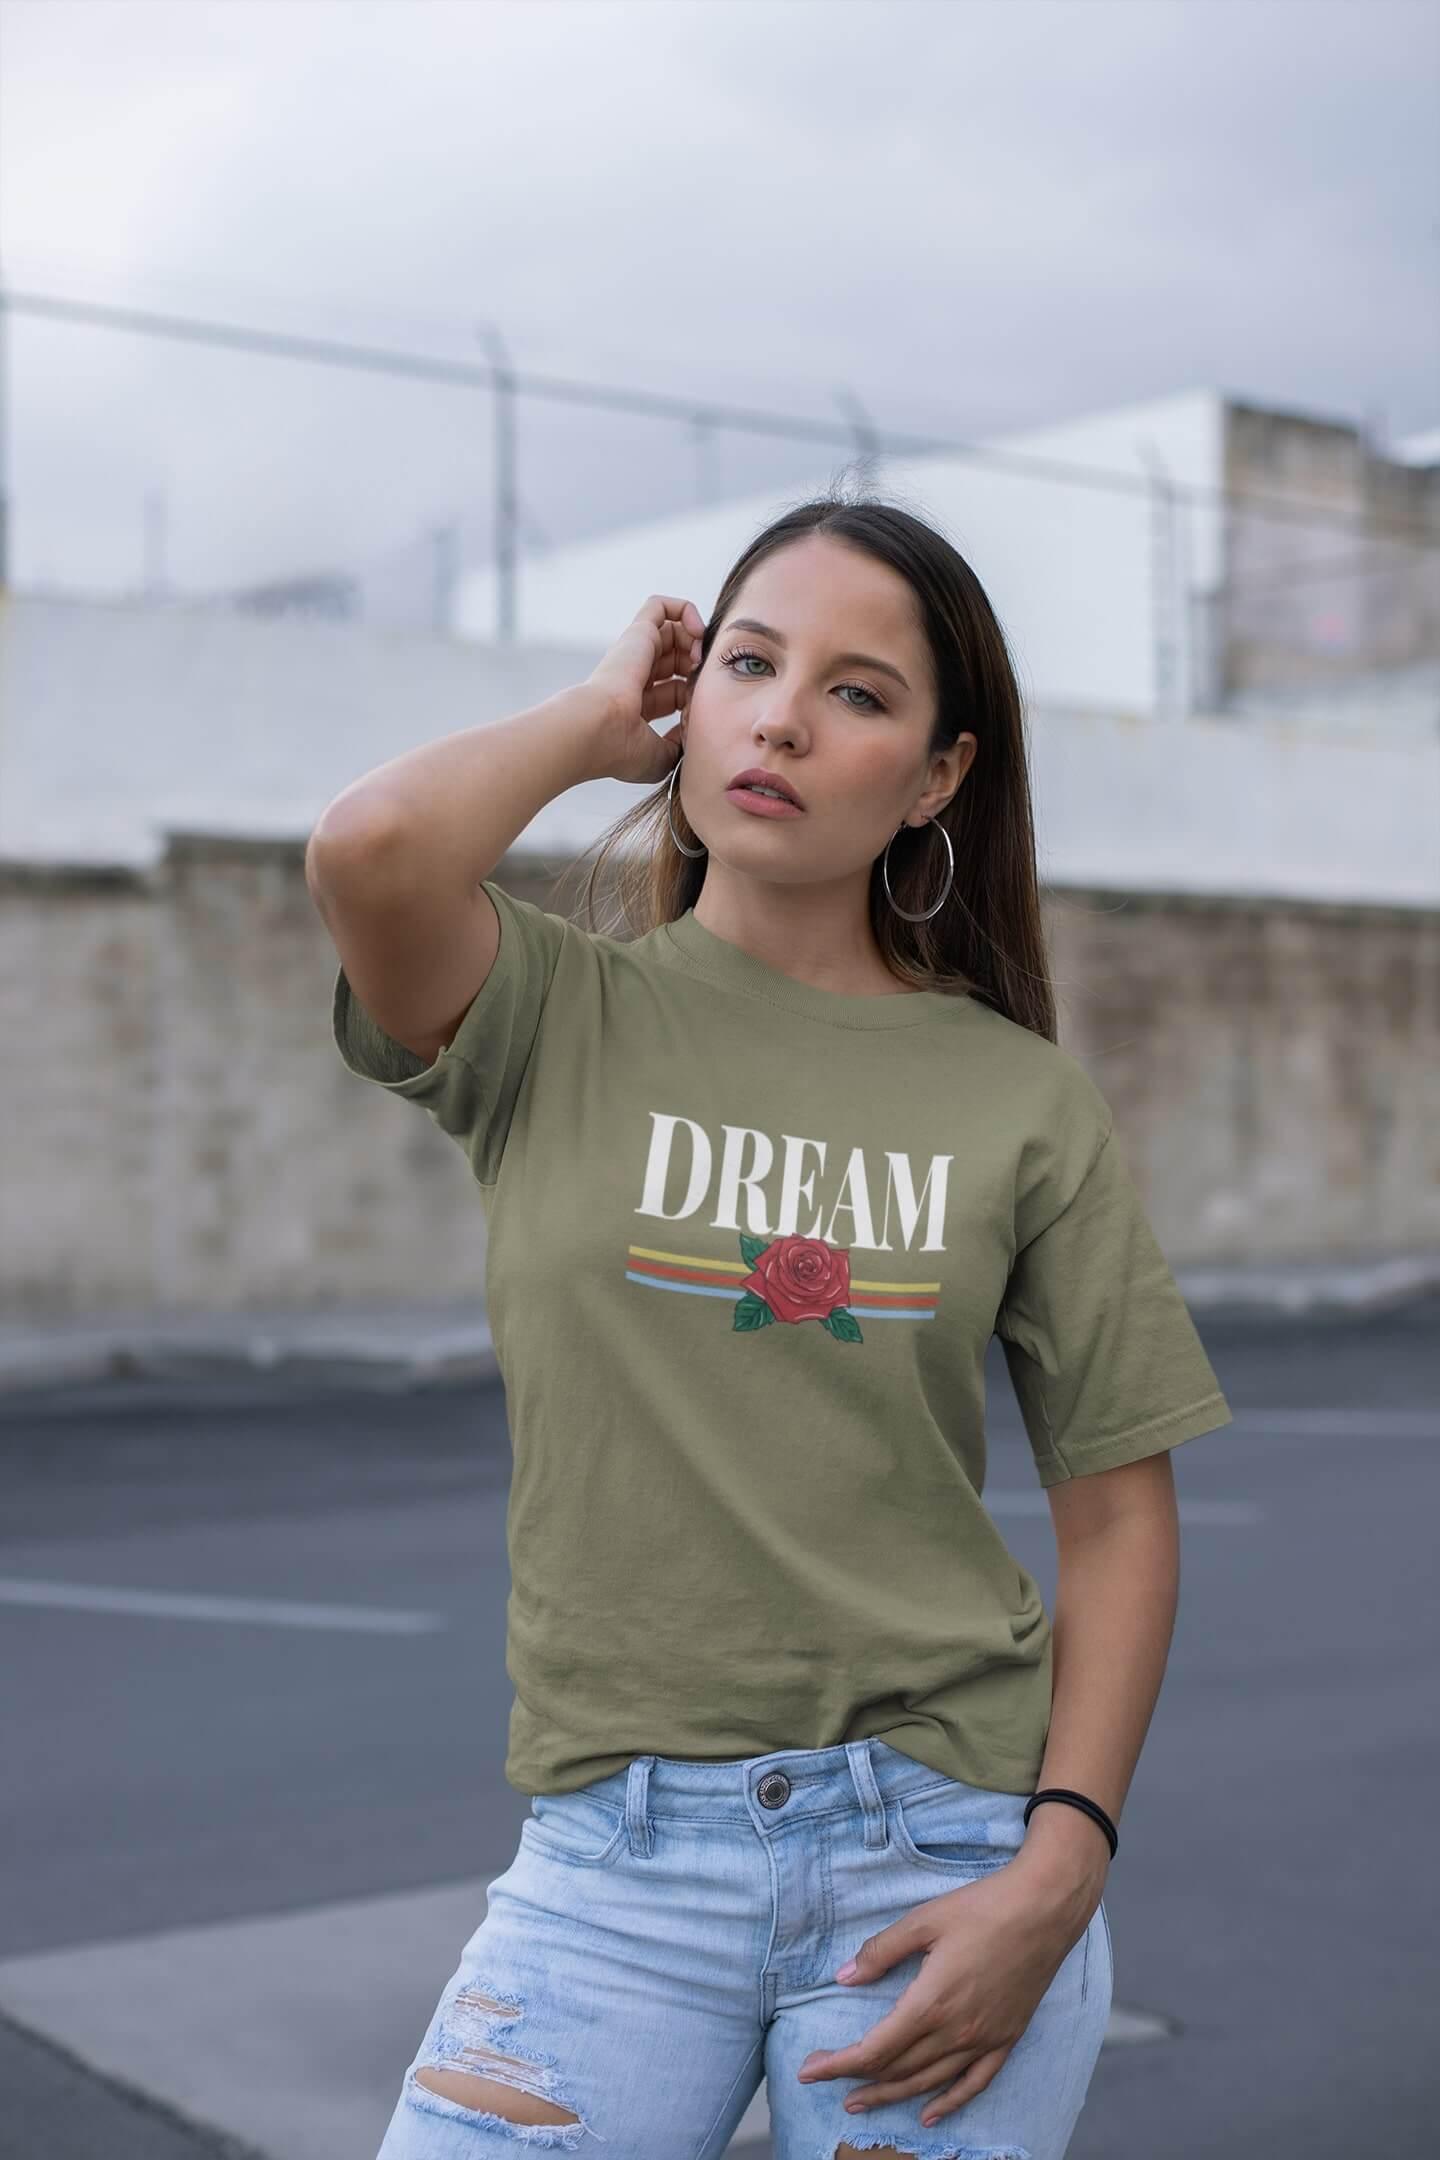 MMO Dámske tričko Dream Vyberte farbu: Svetlá khaki, Vyberte veľkosť: L